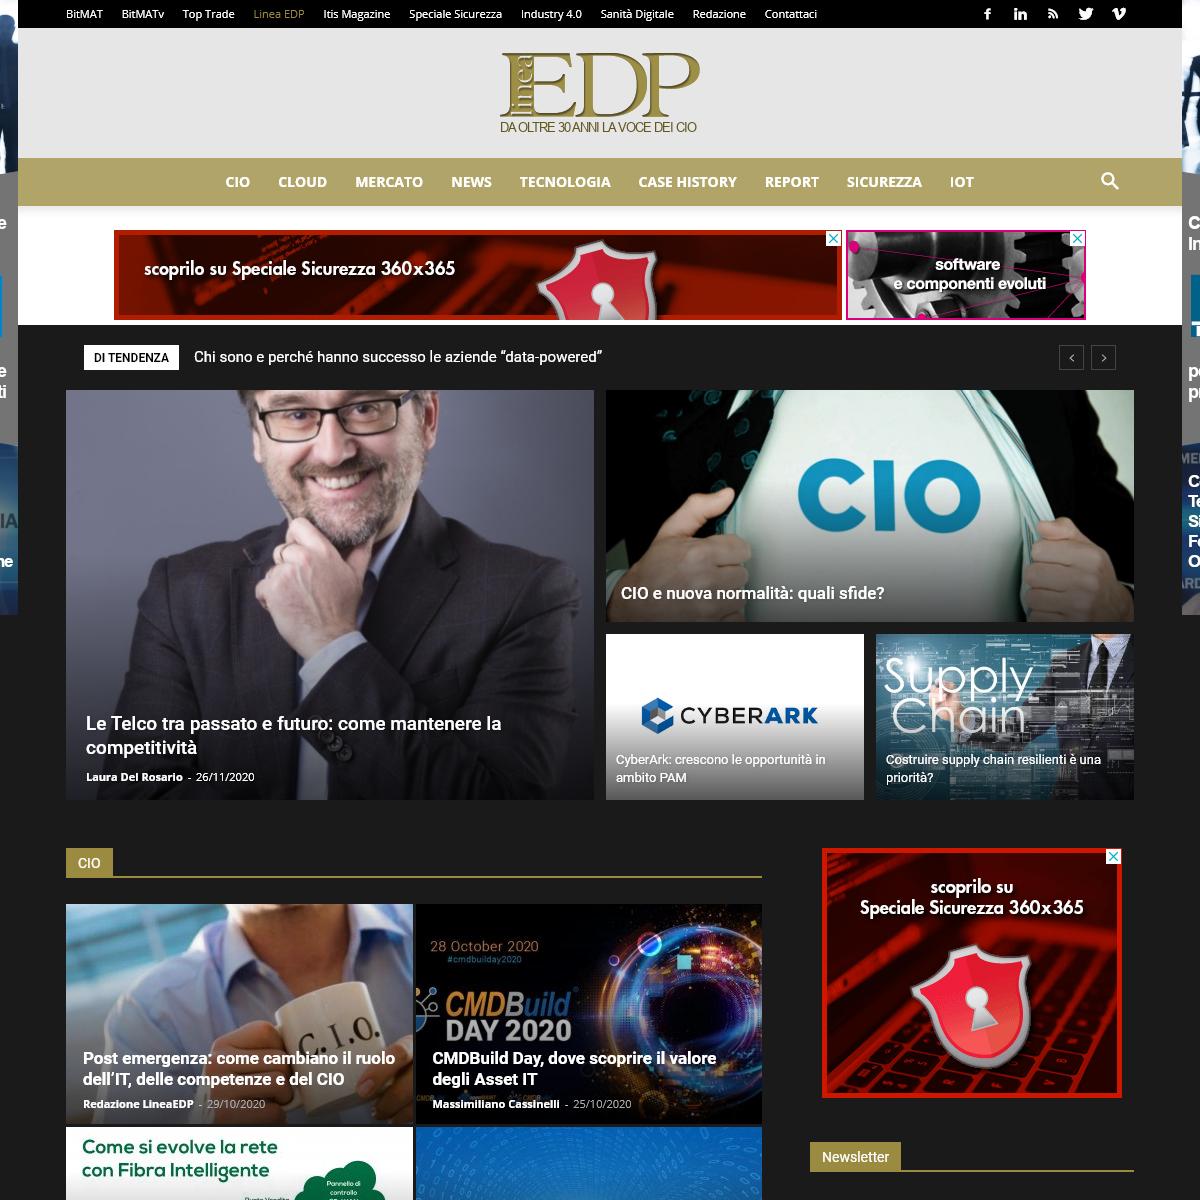 LineaEDP la rivista di riferimento per CIO, Mercati e Tecnologia